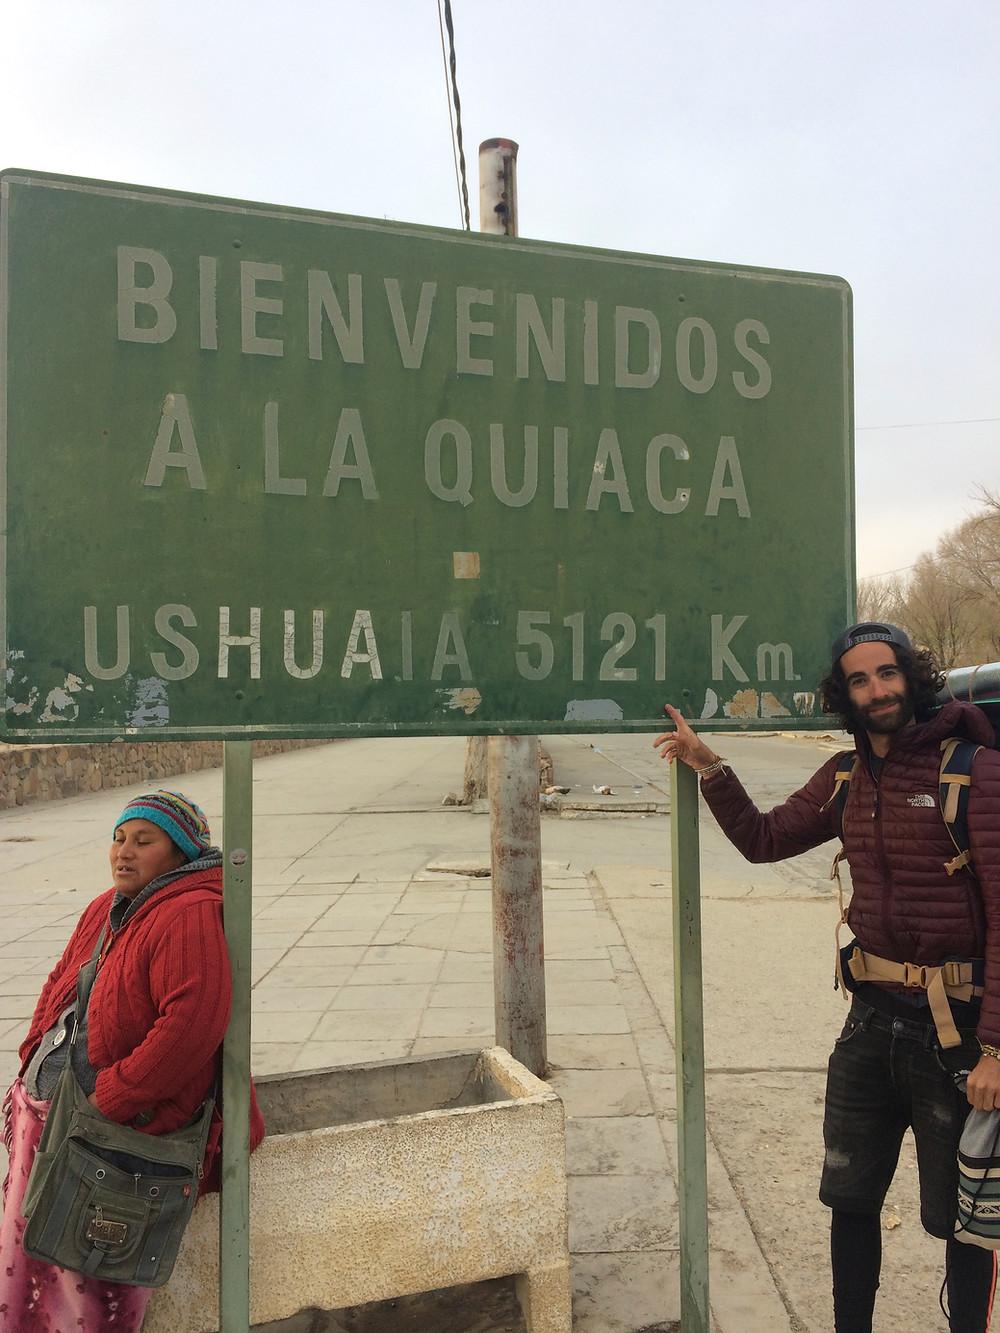 Point de départ : la quiaca